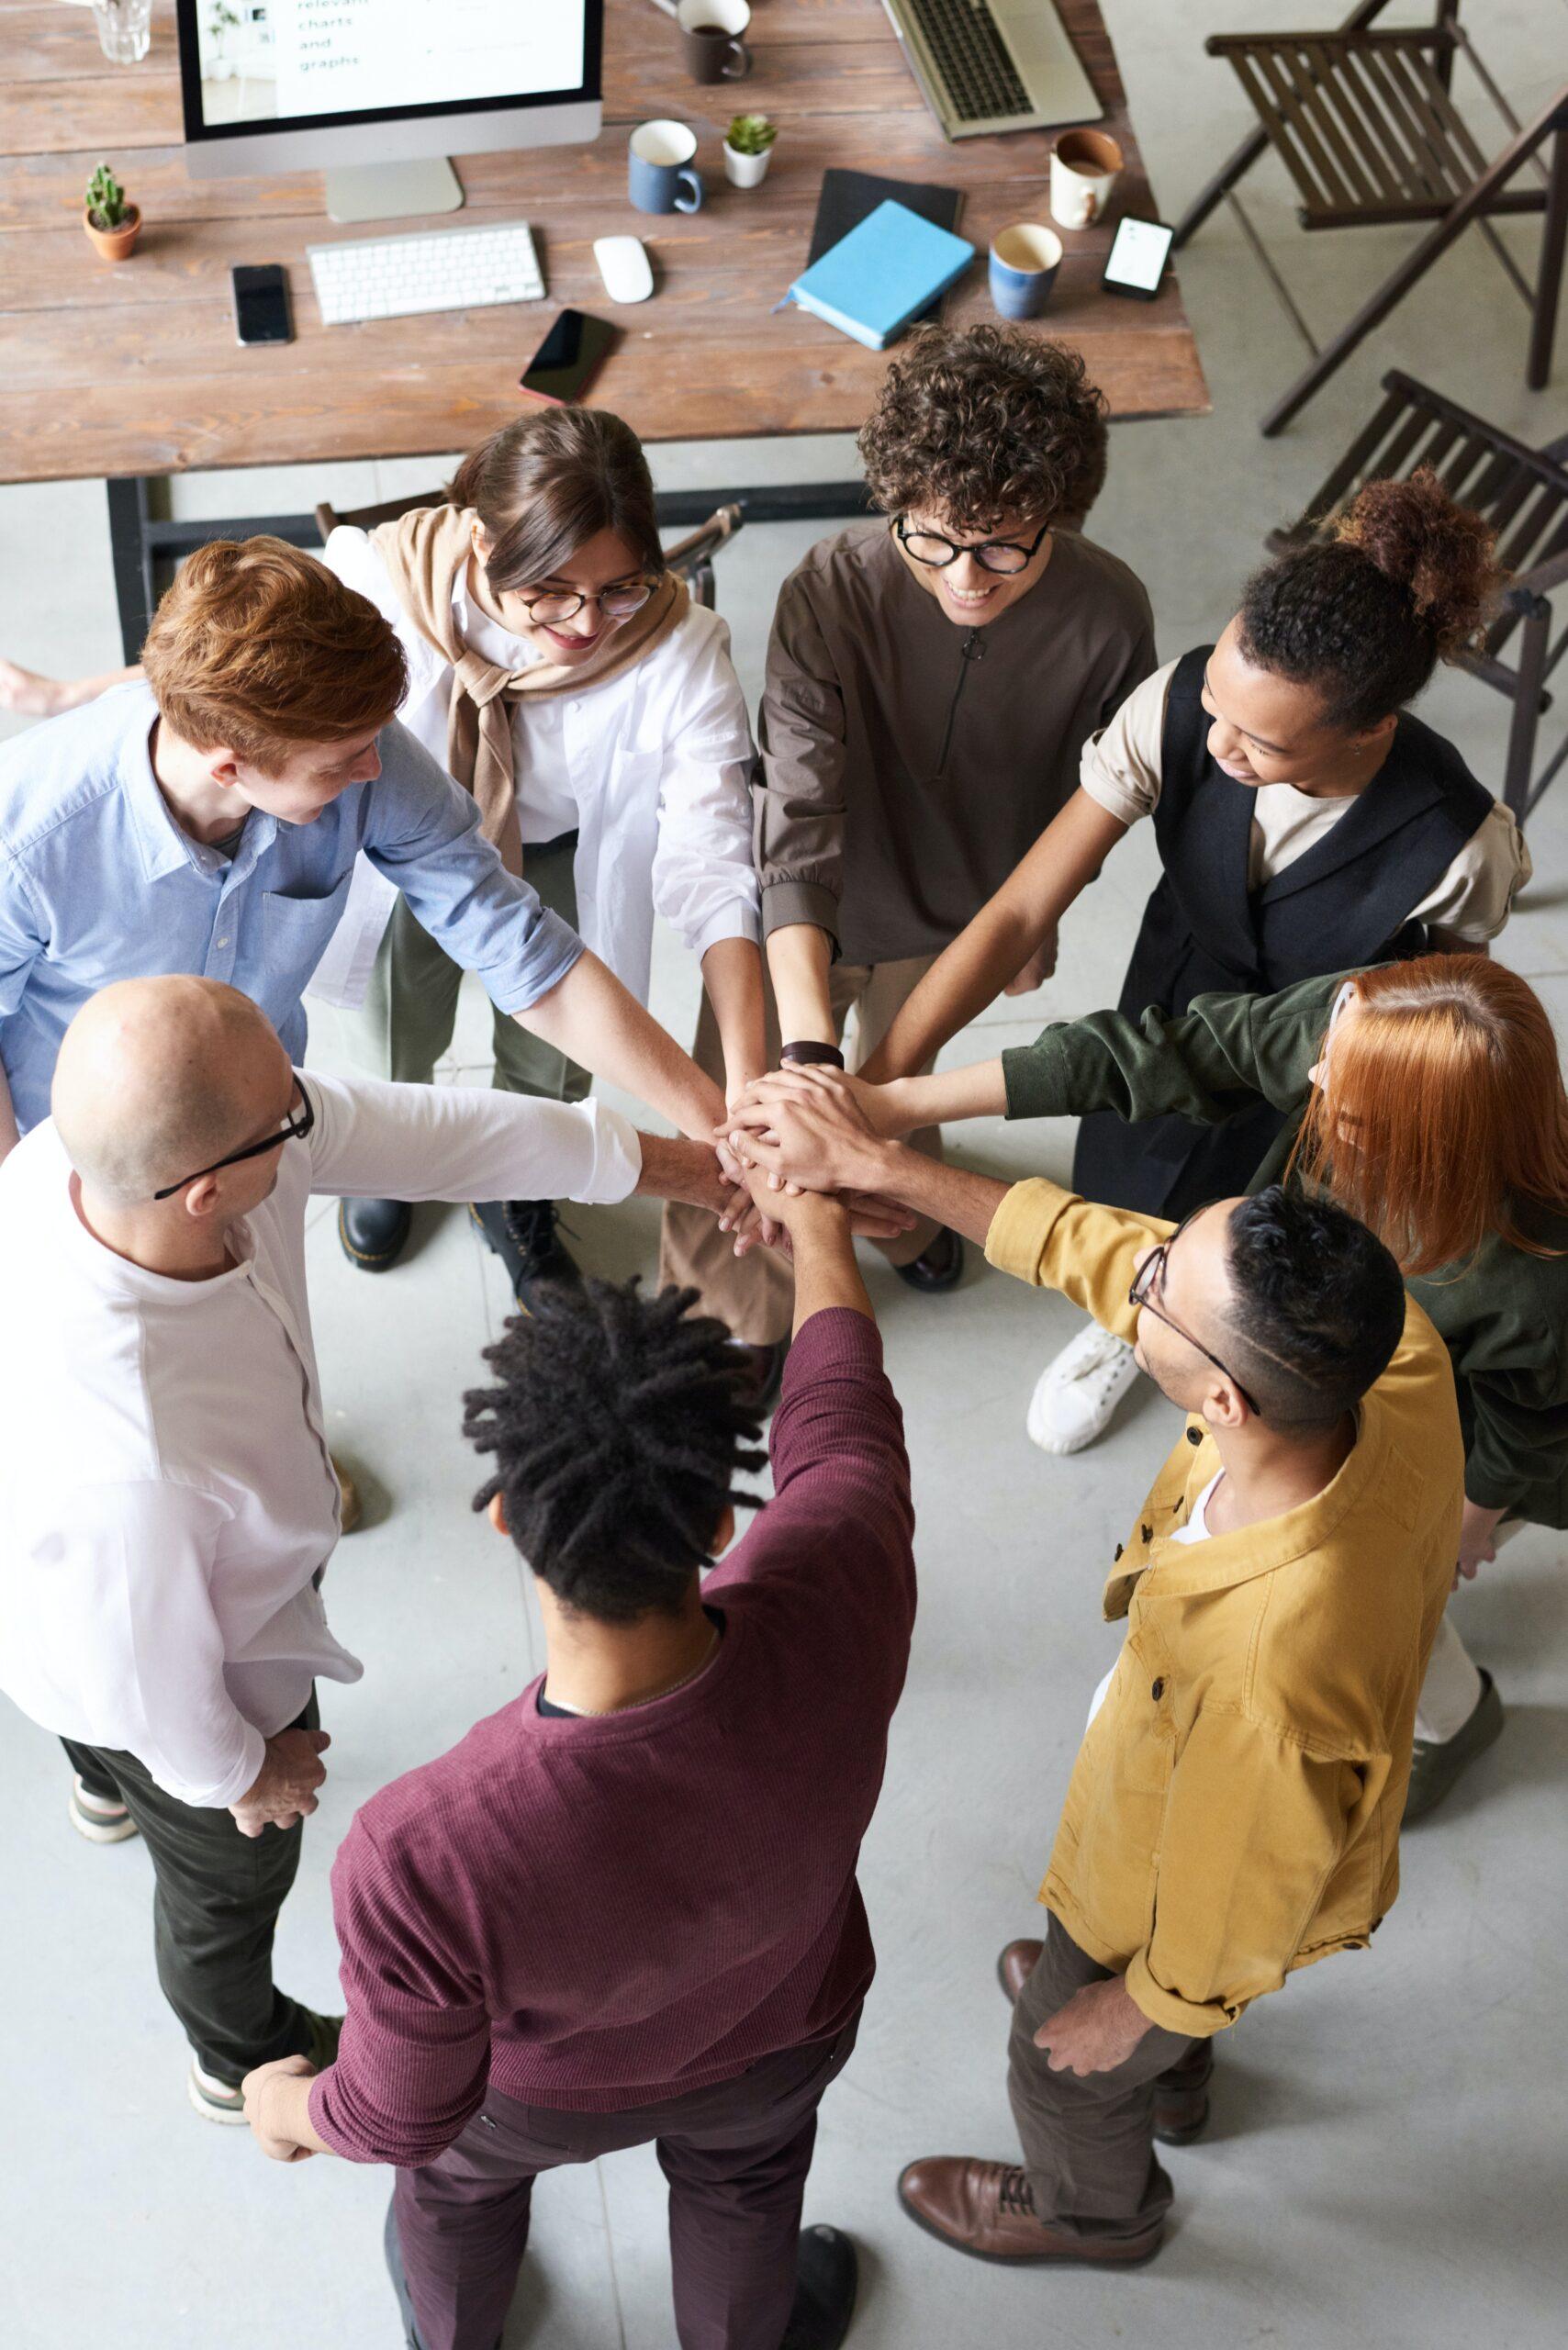 Styrk fællesskabet med teambuilding